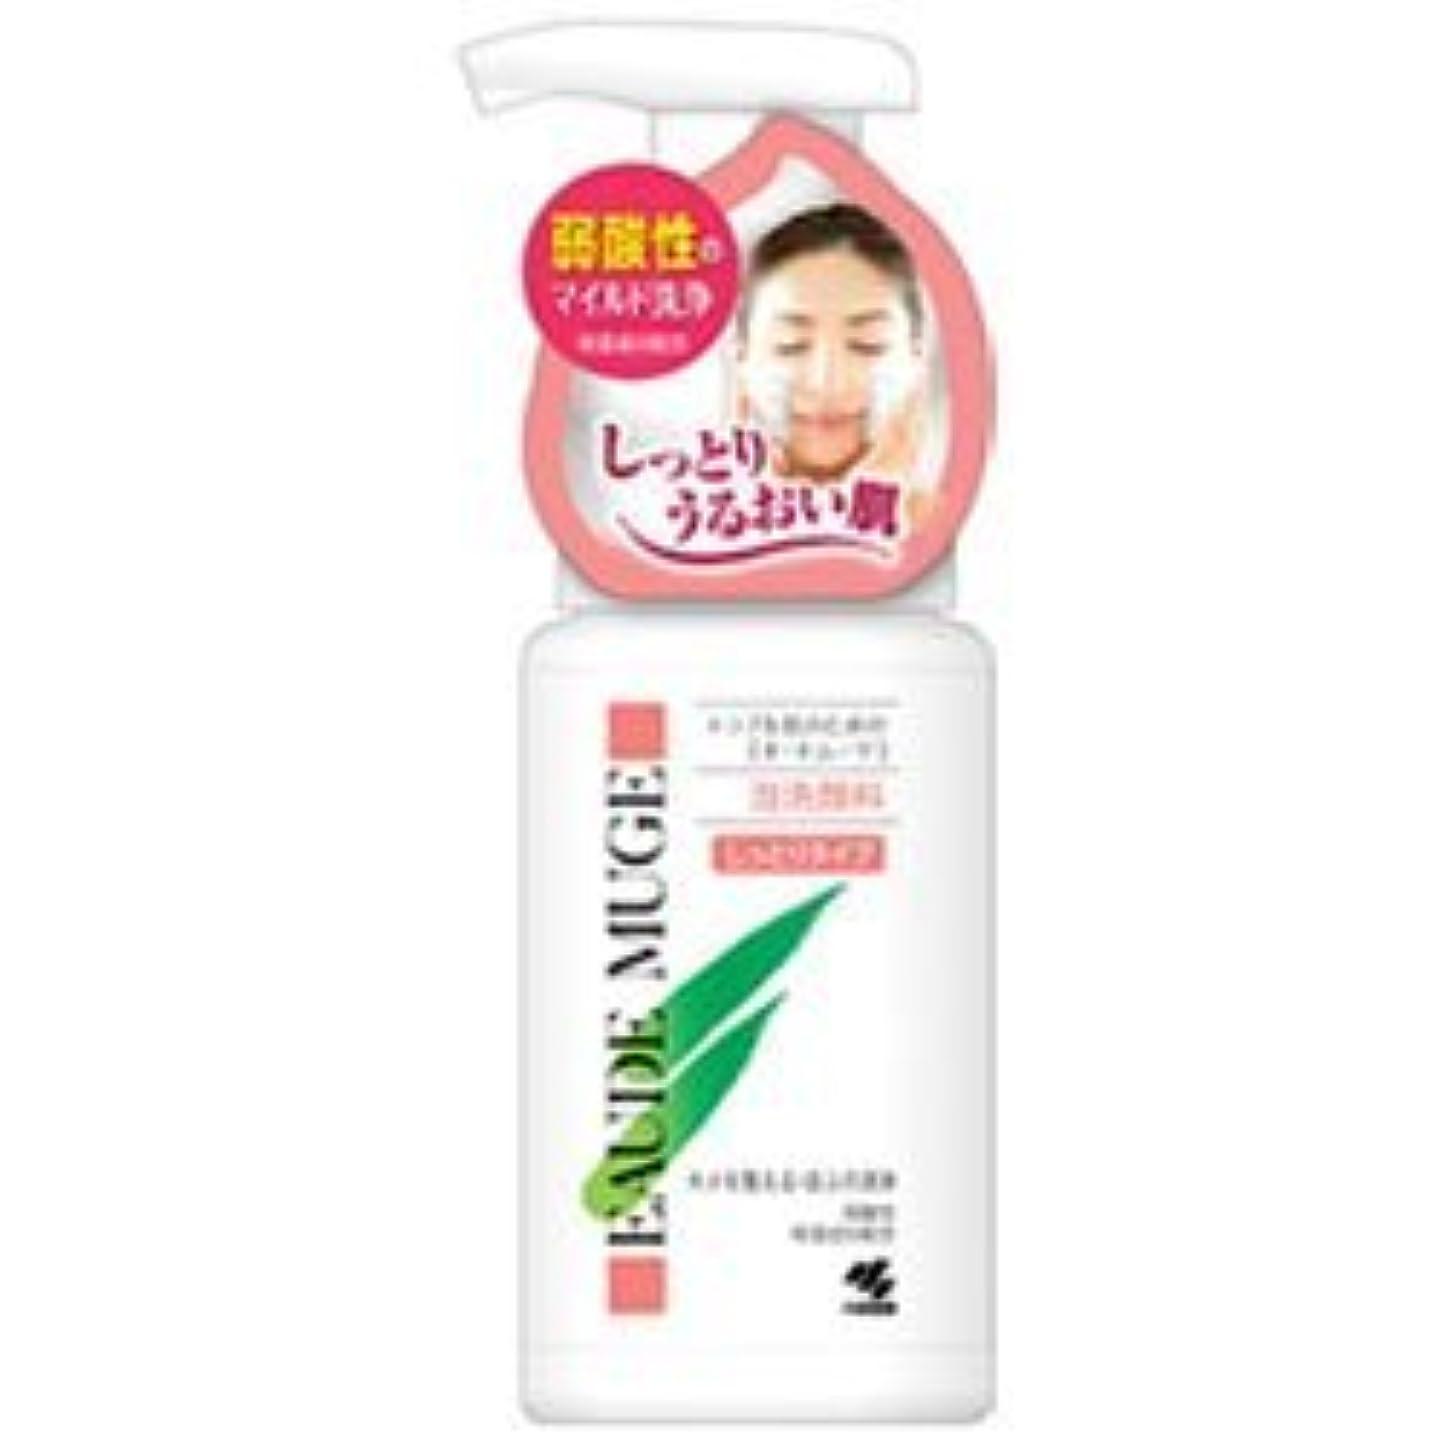 【小林製薬】オードムーゲ 泡洗顔料 しっとりタイプ 150ml